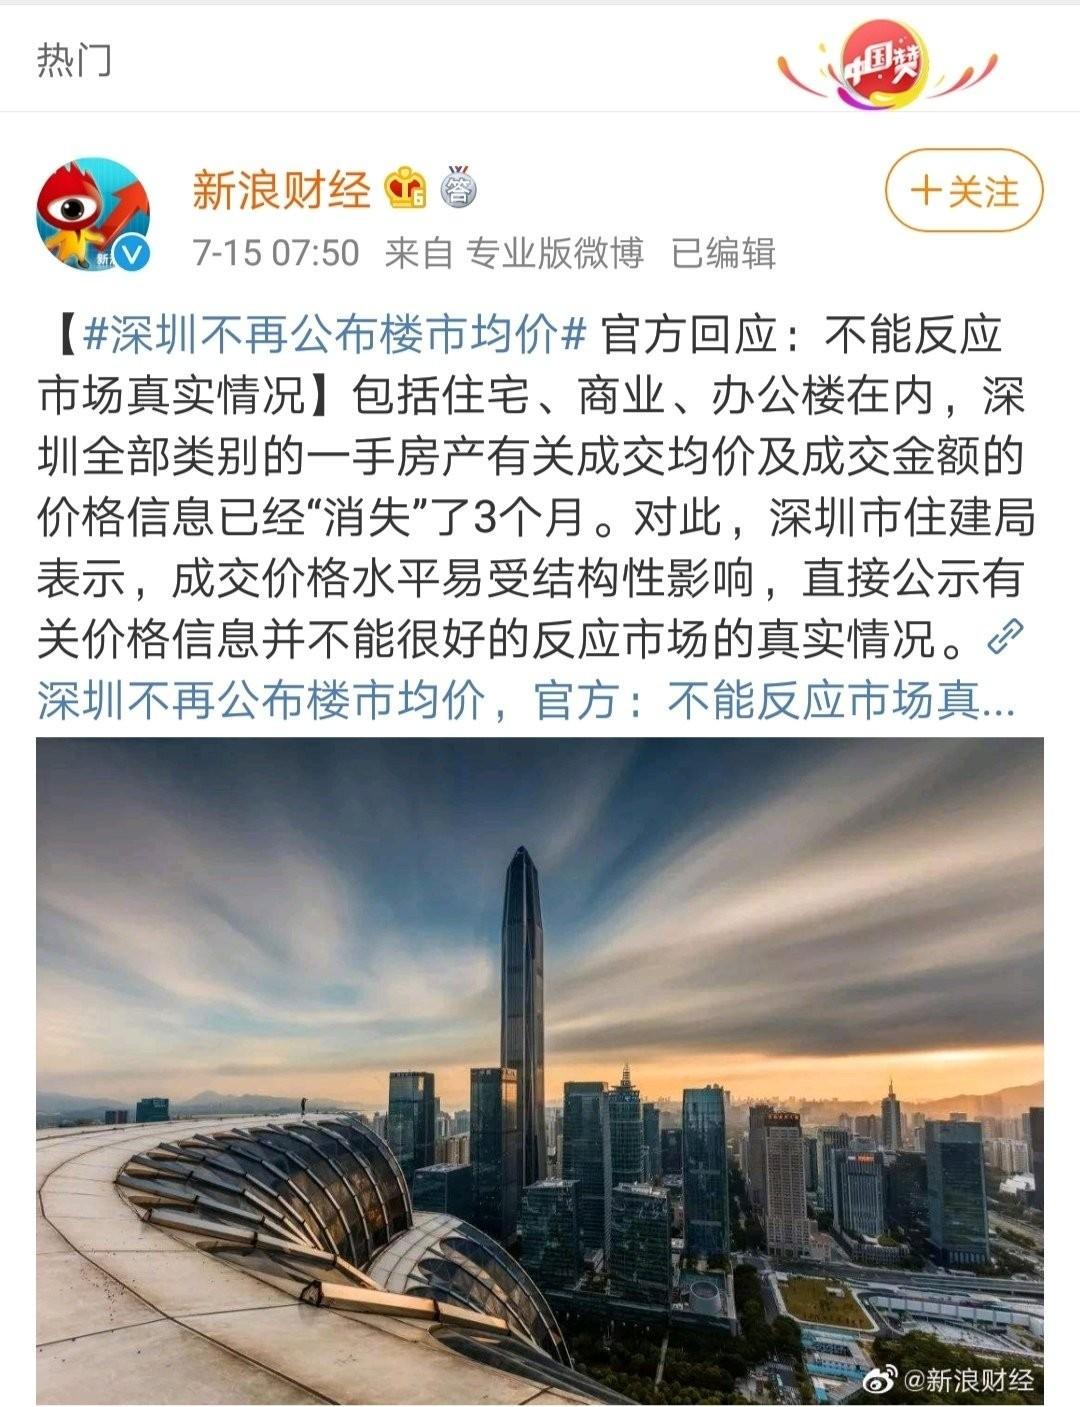 深圳不再公布官方成交均价